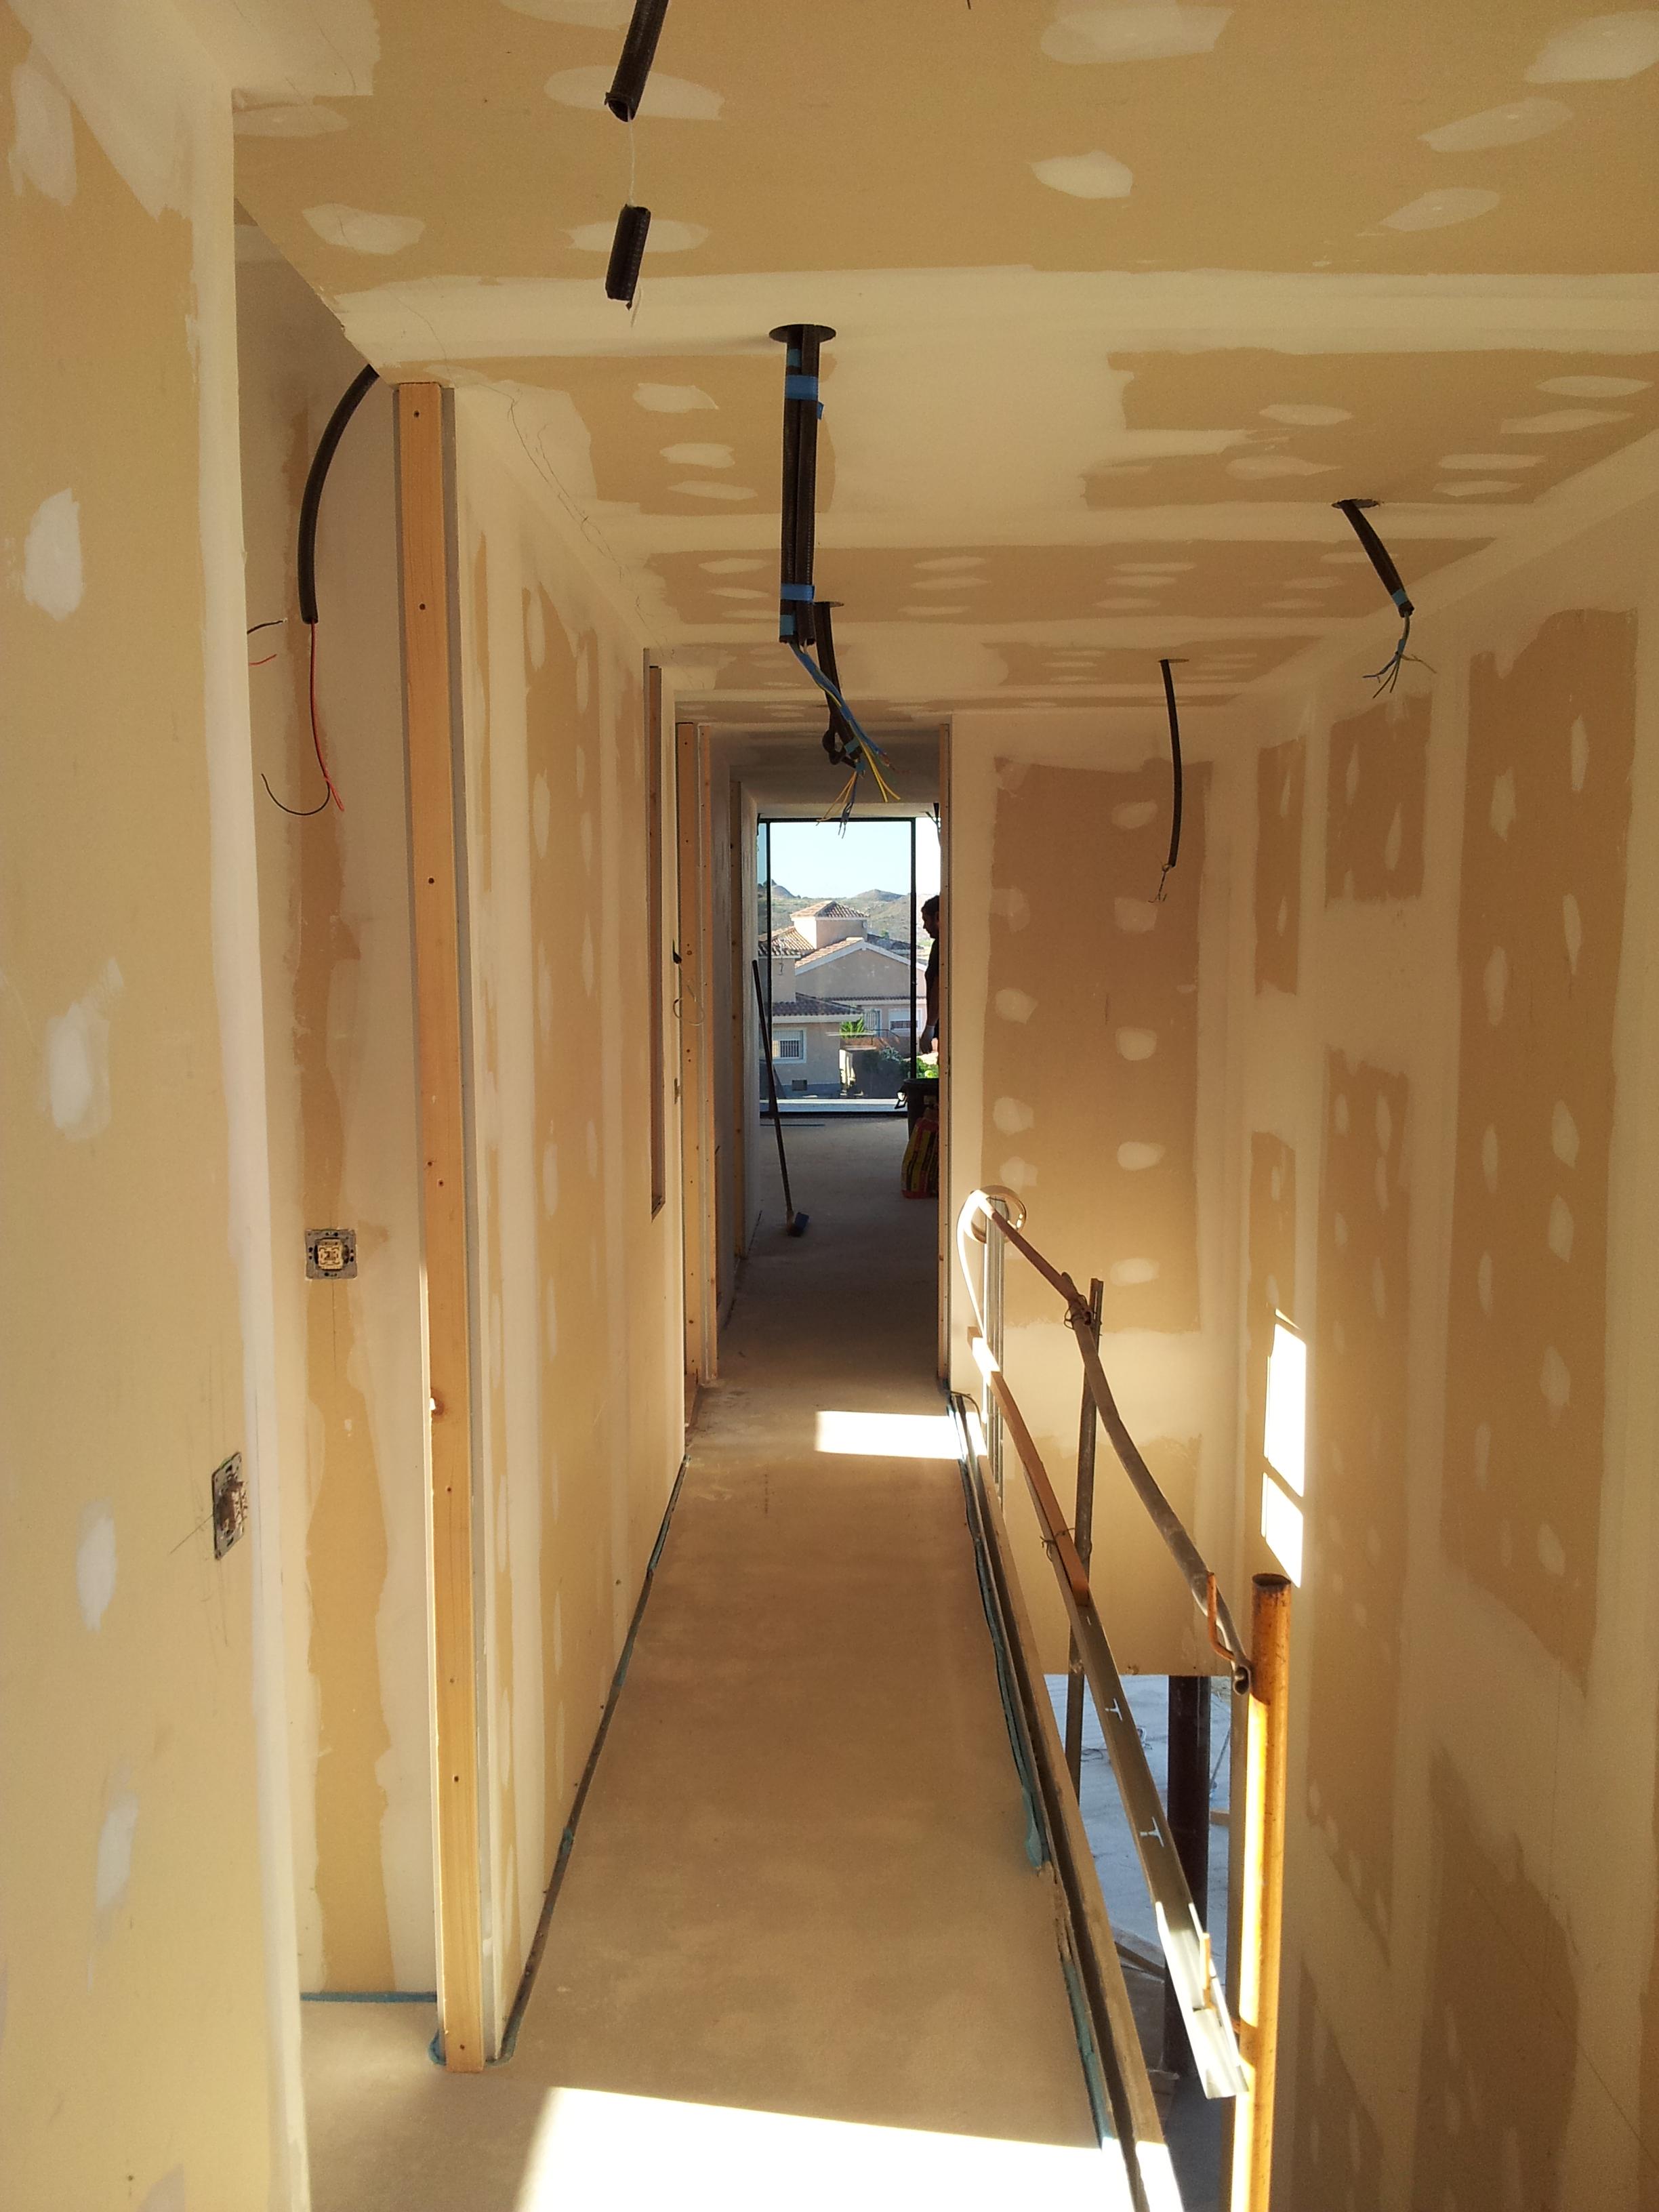 Tabiques y trasdosado interior aislamientos techos placas - Aislamiento termico techos interior ...